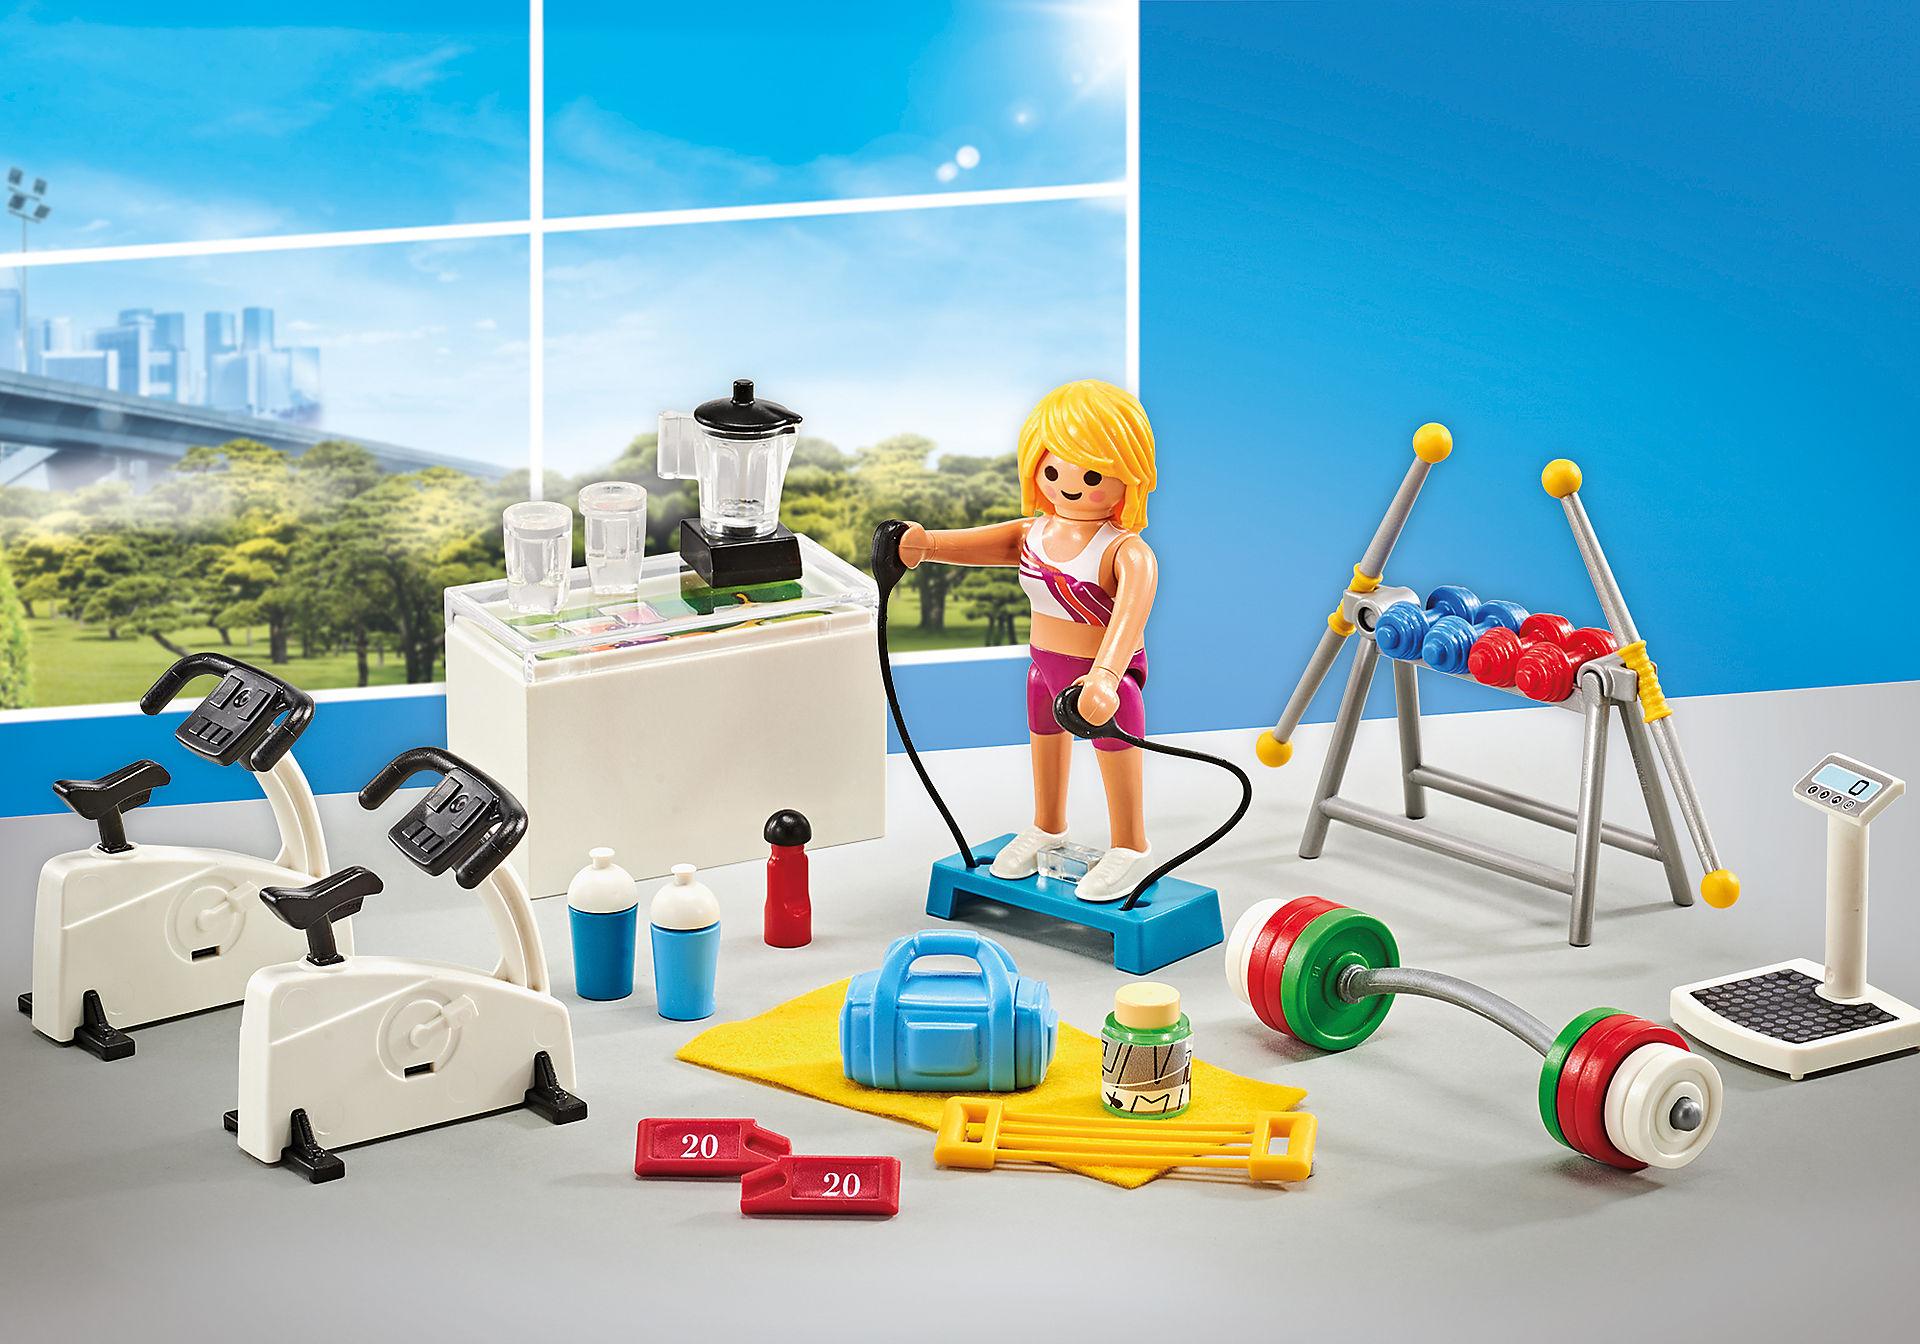 9867 Salle de fitness  zoom image1